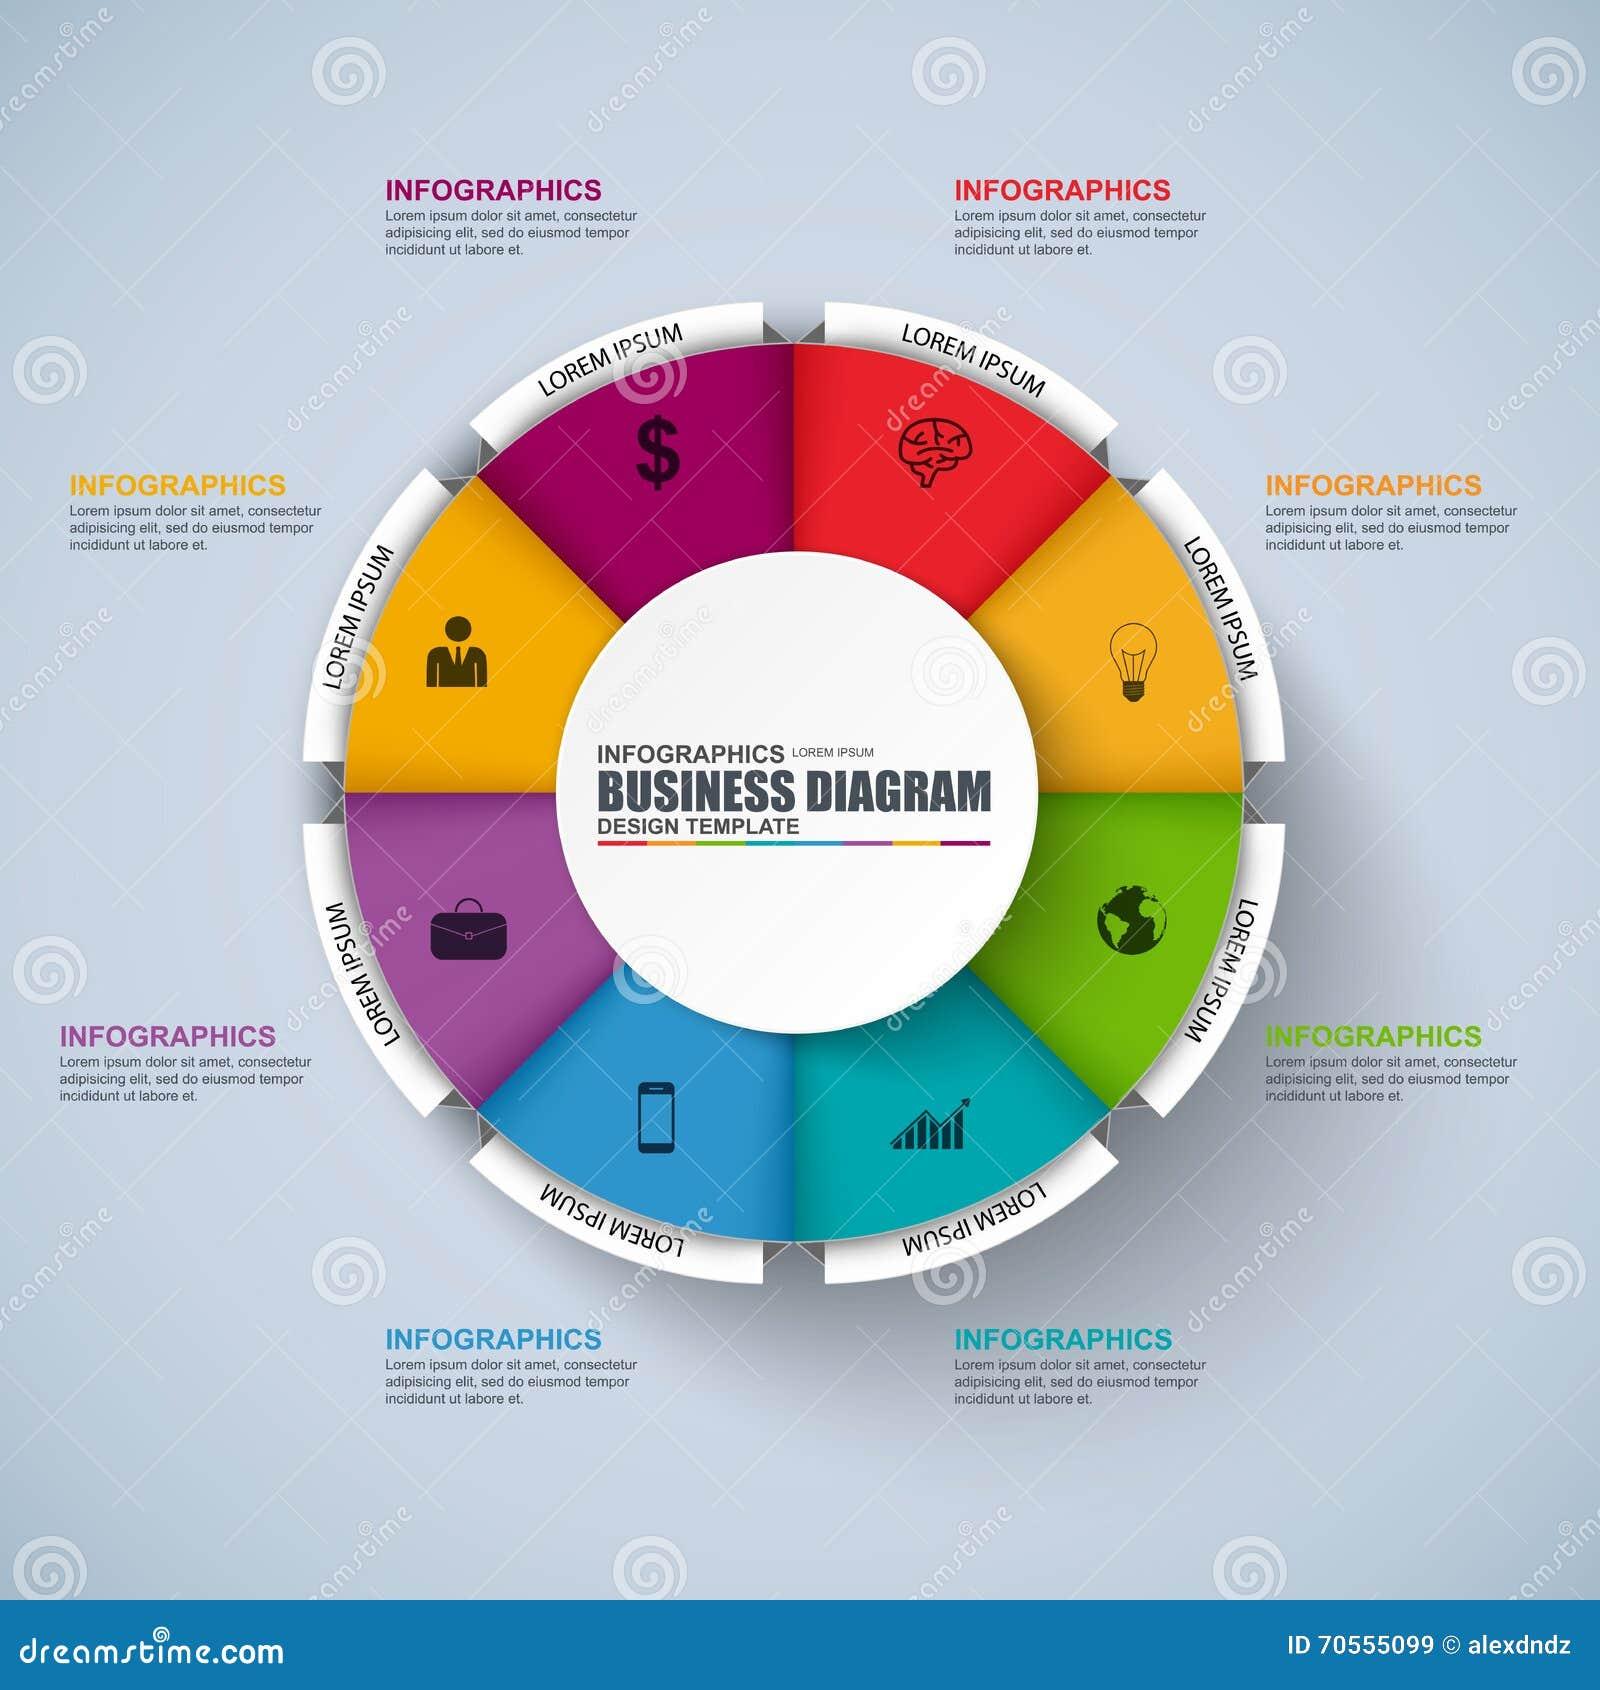 Infographic Circular Vector Design Template Stock Vector